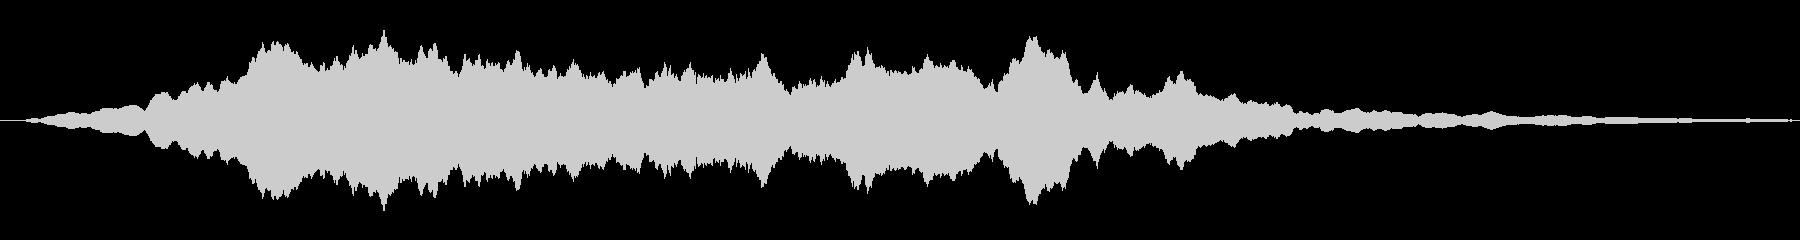 鋭い リンギングブリッター16の未再生の波形